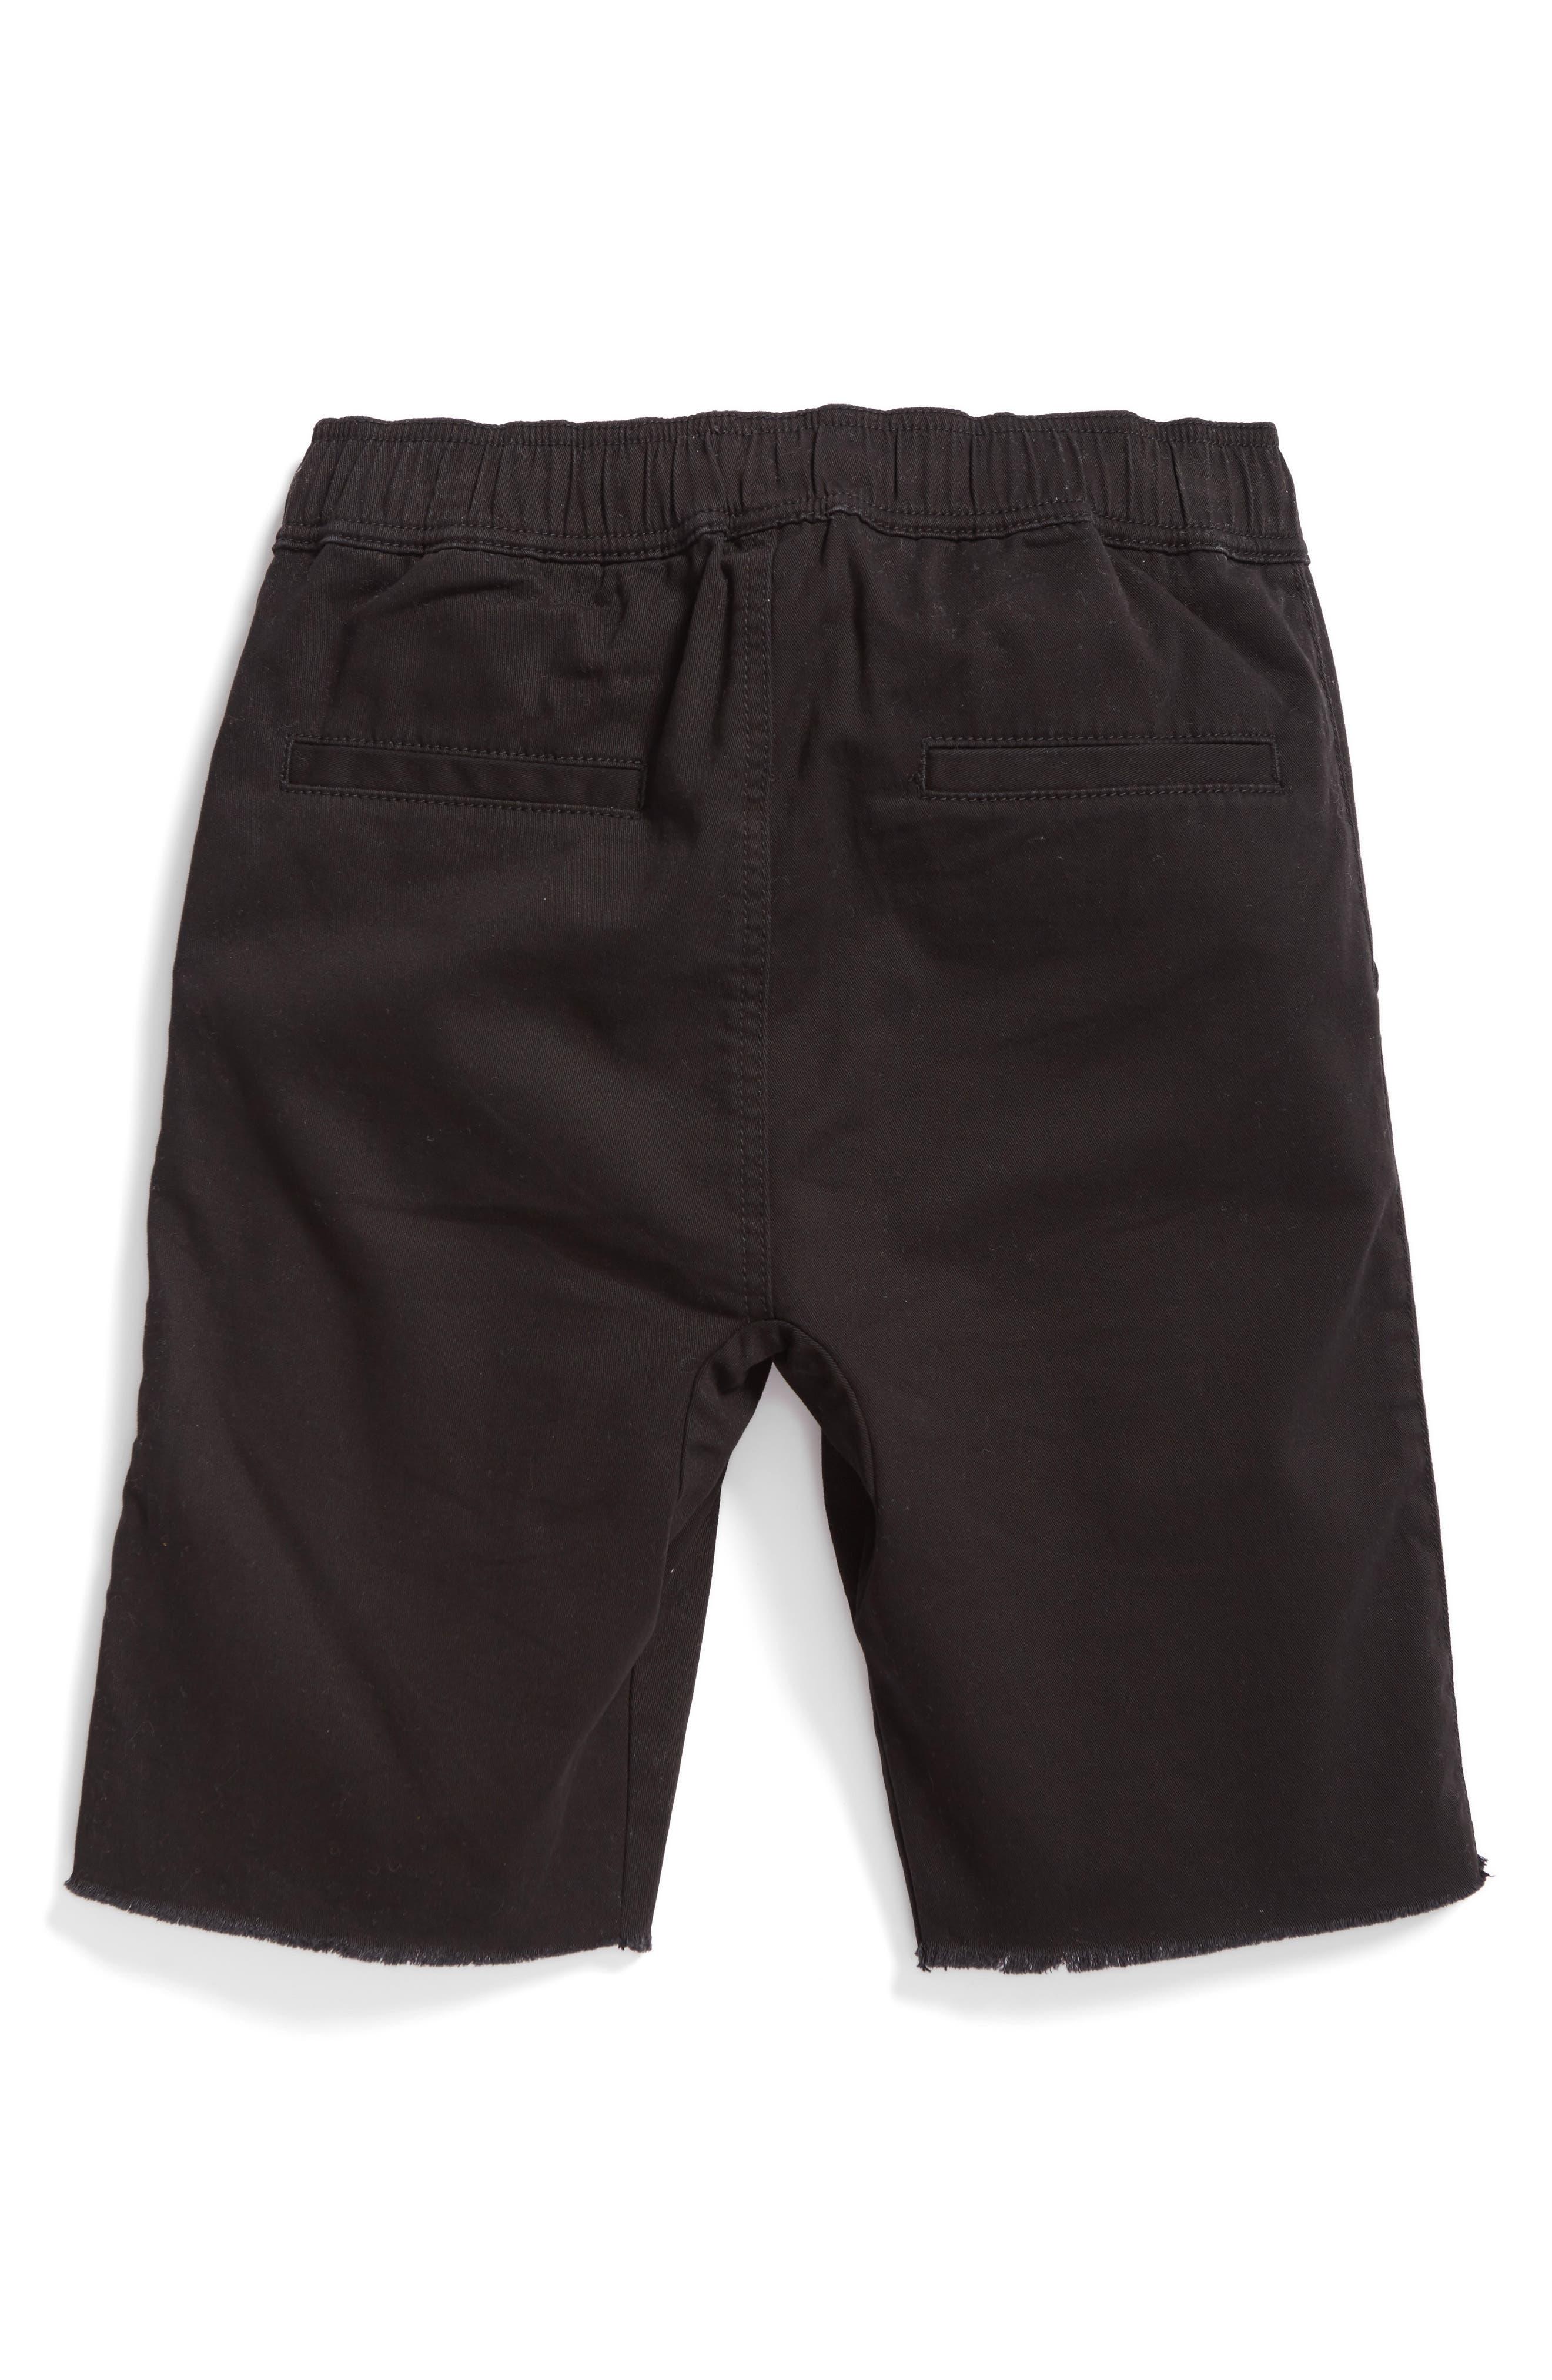 Jogger Shorts,                             Alternate thumbnail 3, color,                             001